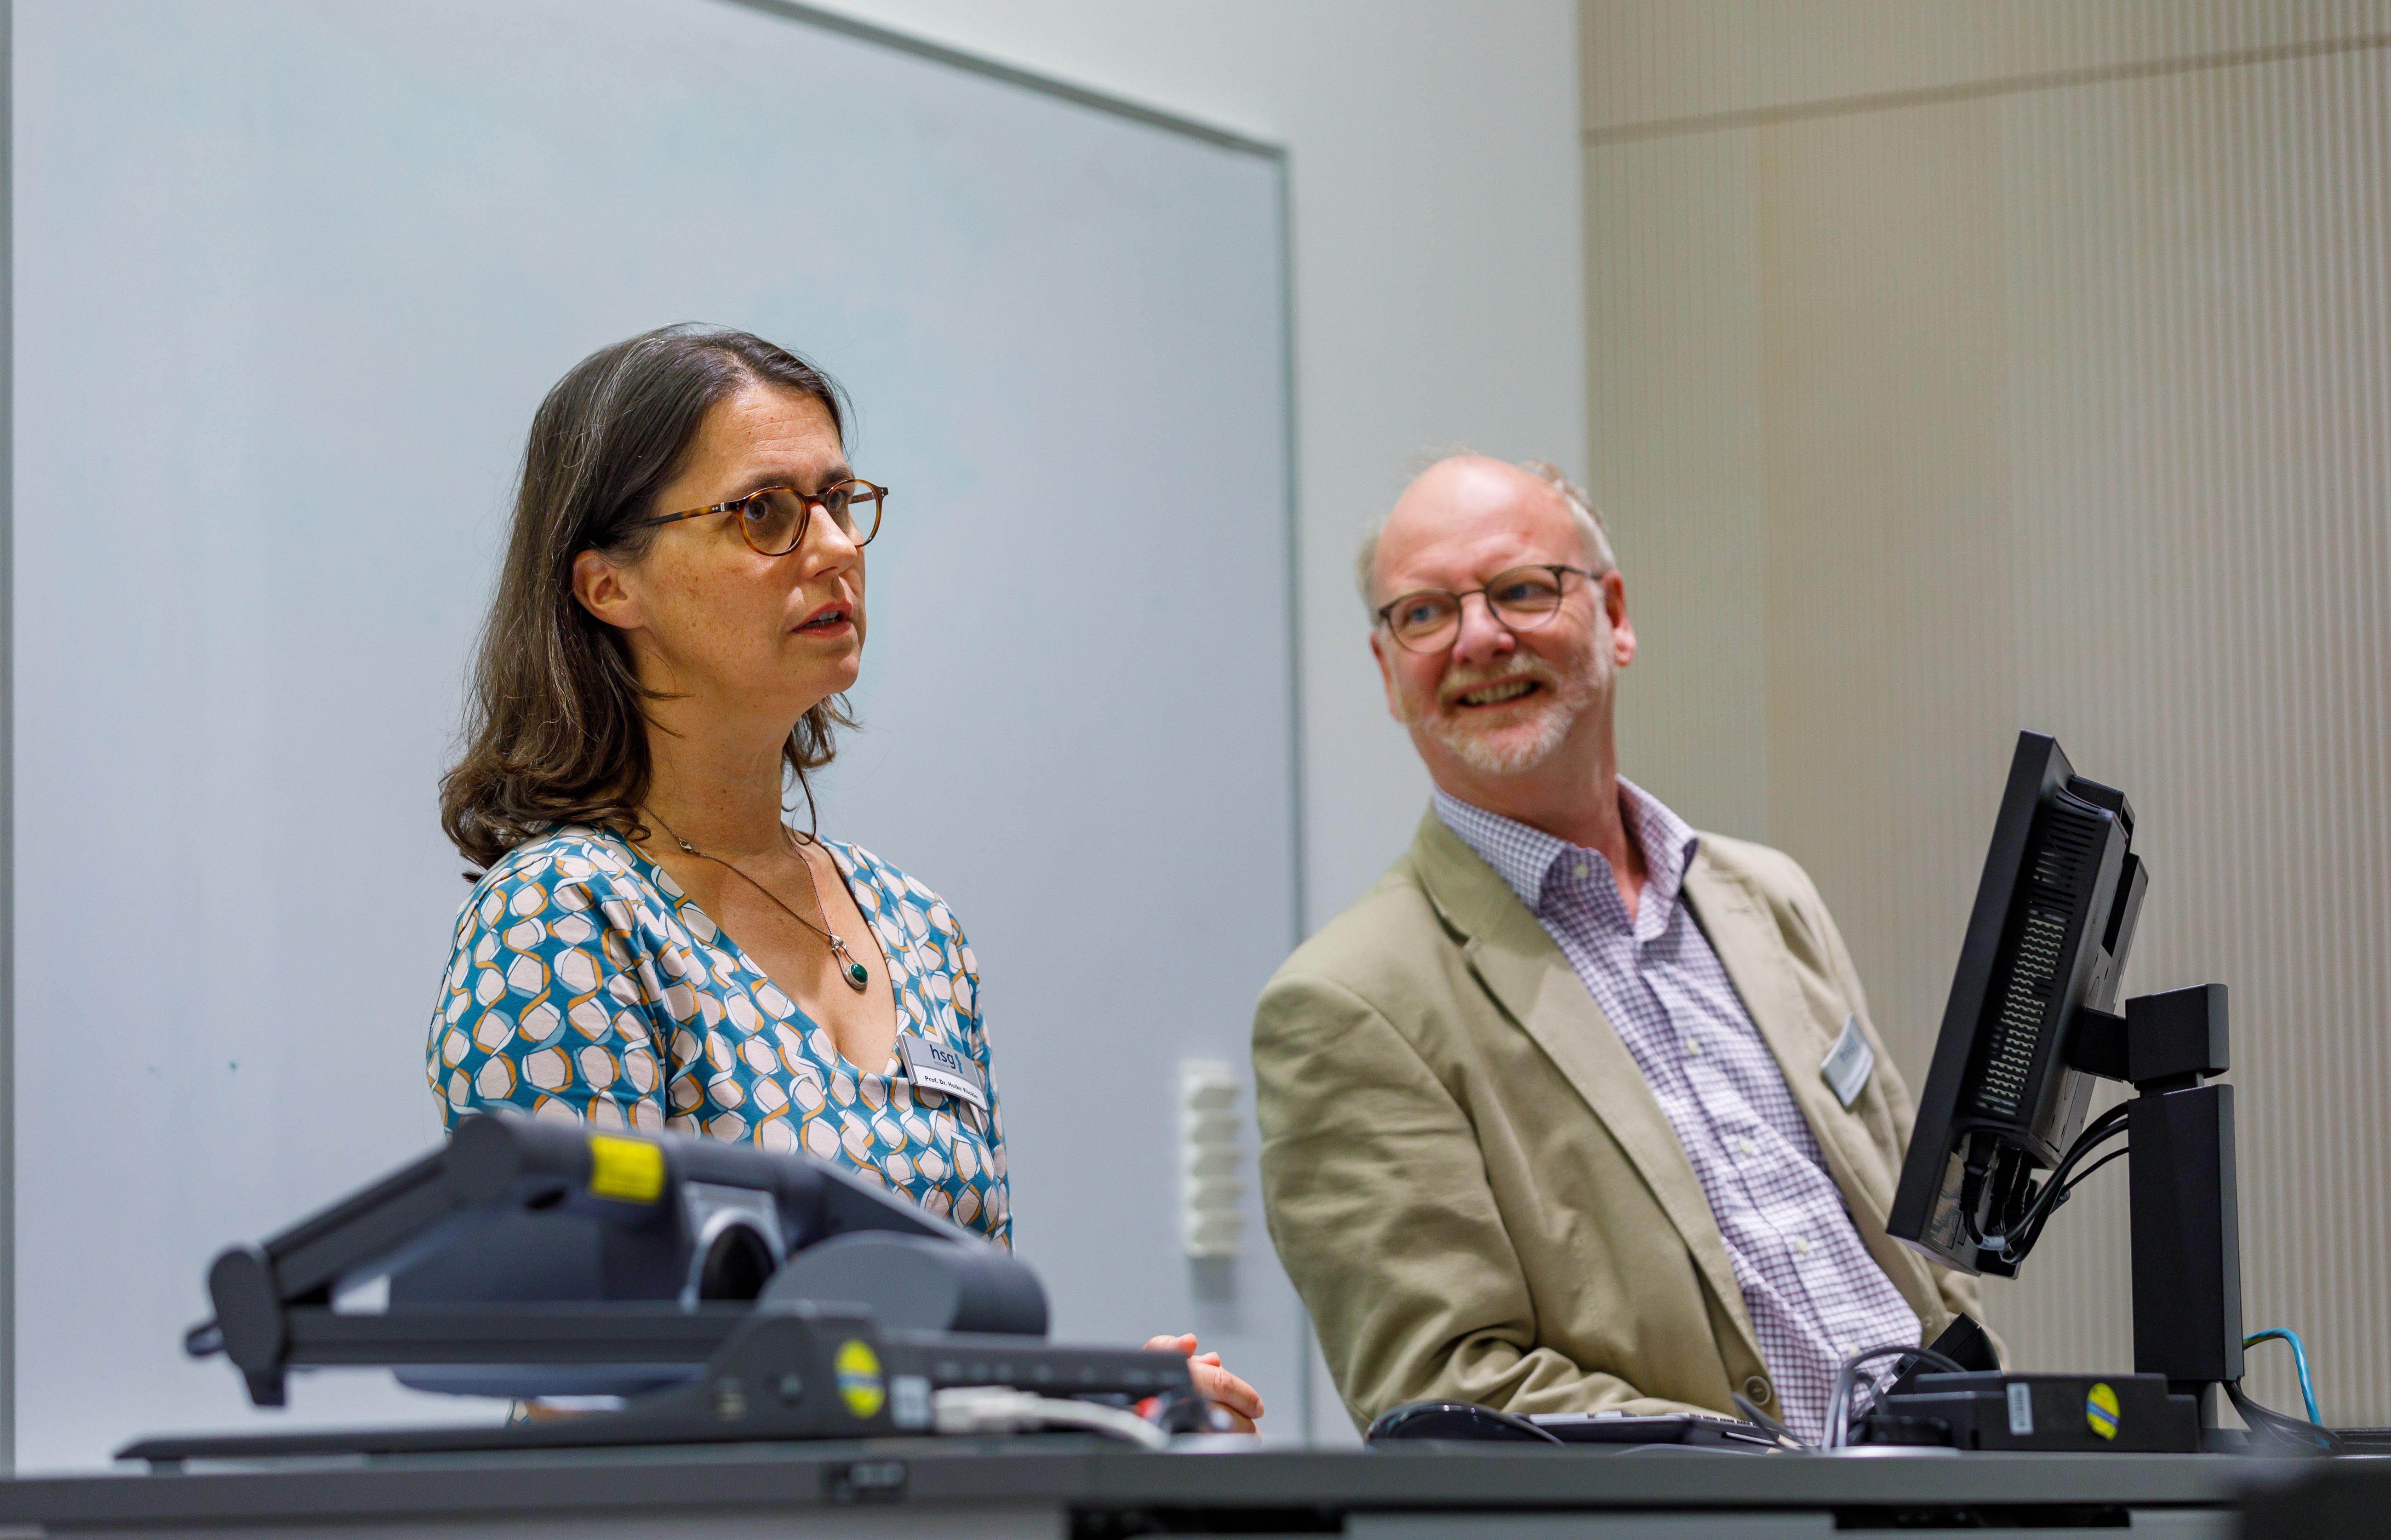 Prof. Dr. Heike Köckler und Dr. Wolfgang Deiters.